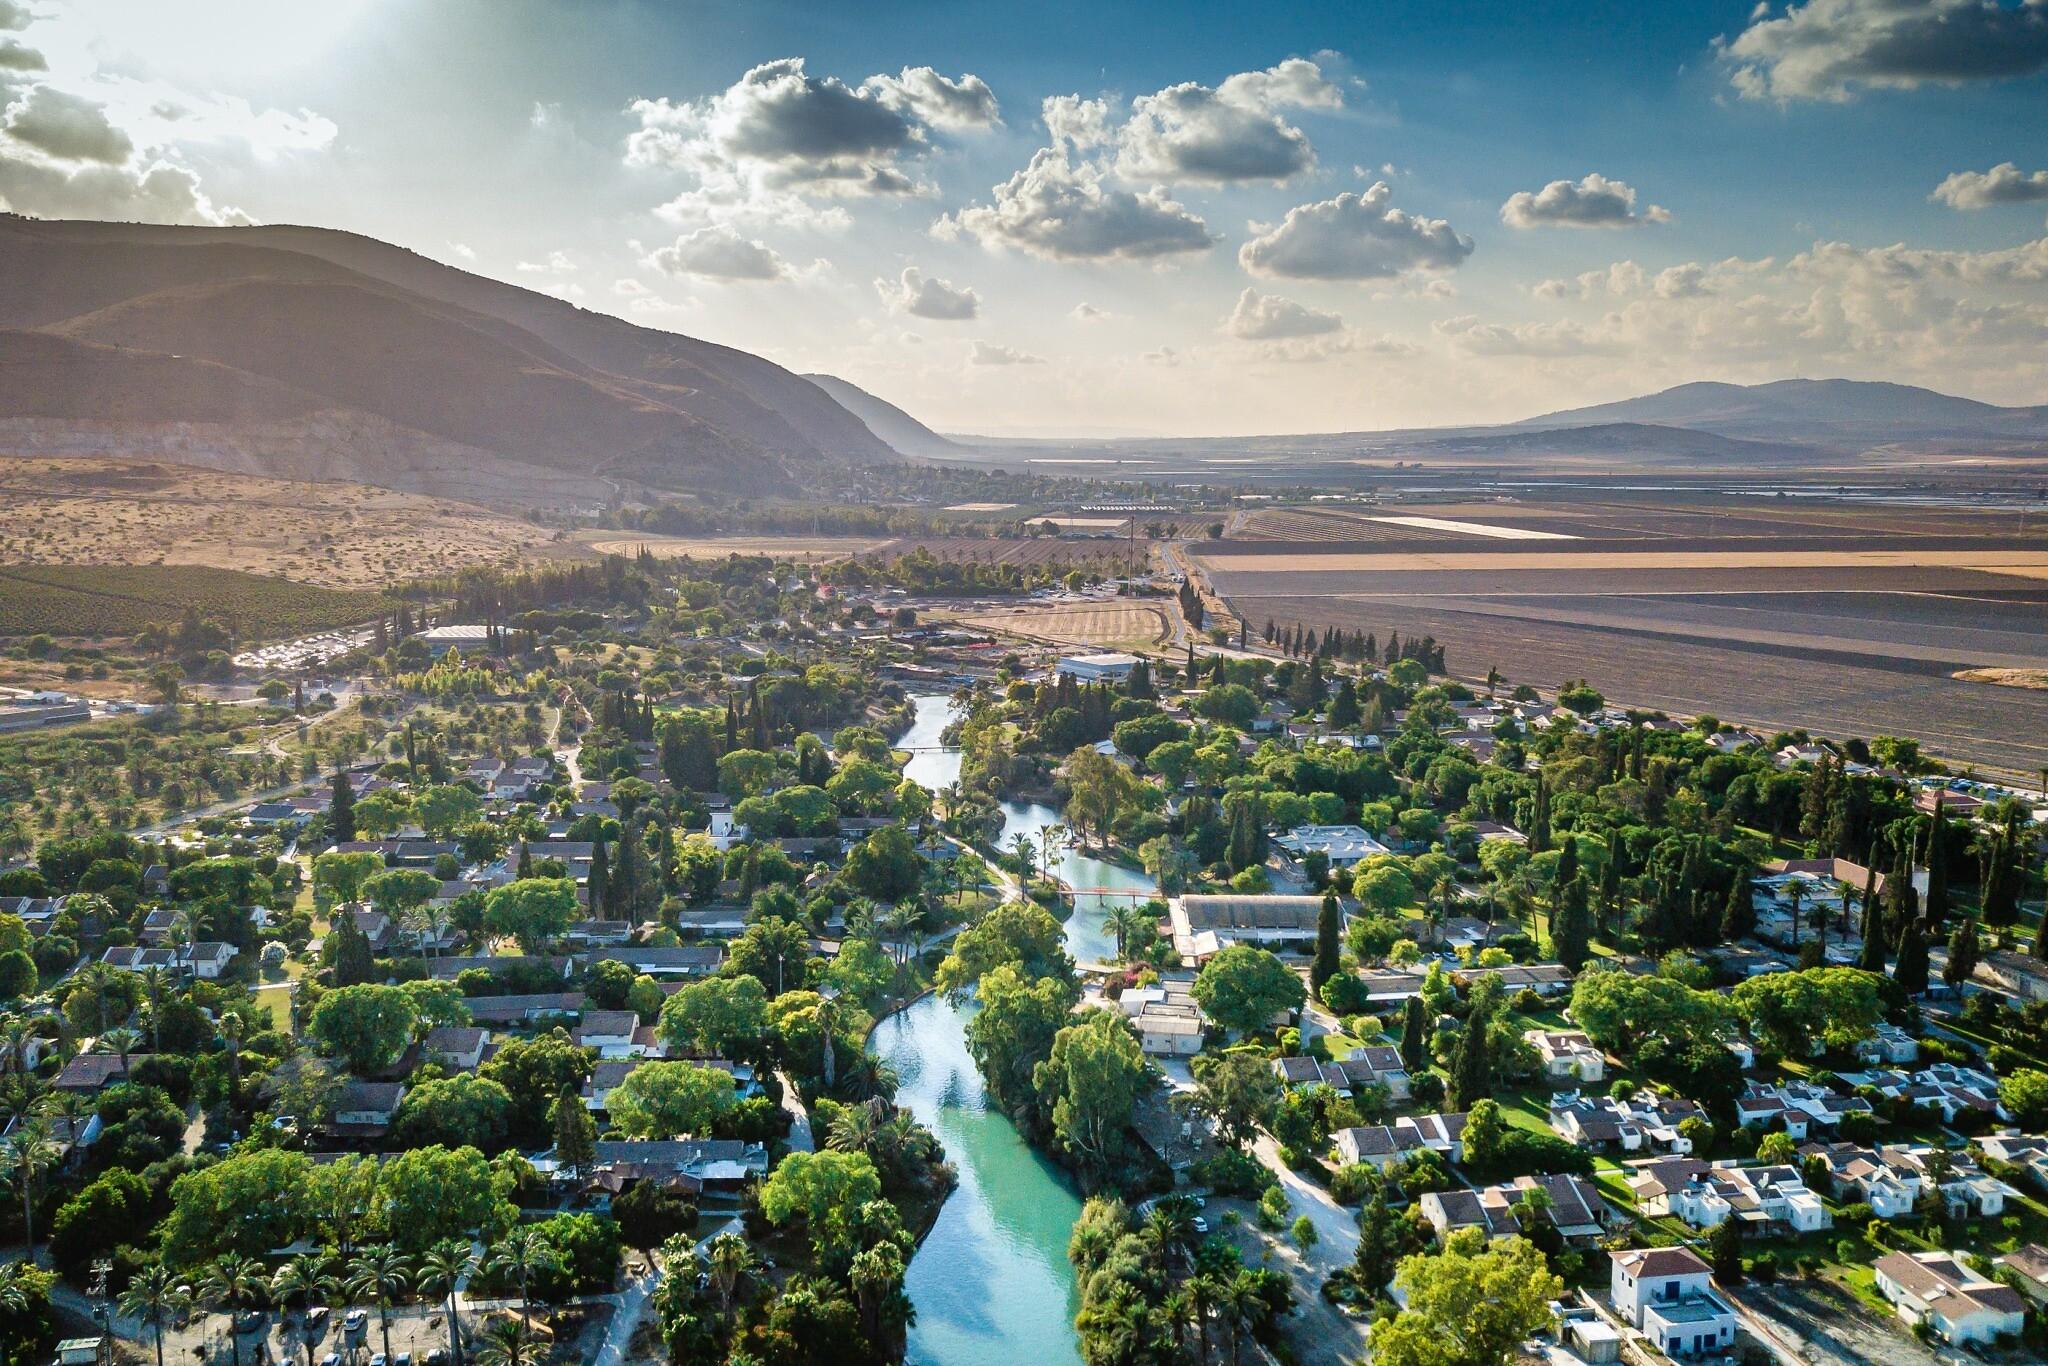 """Le ruisseau Amal, ou """"Hassi"""", traverse le kibboutz Nir David dans le nord d'Israël, le 9 août 2020. (Menachem Lederman/Flash90)"""